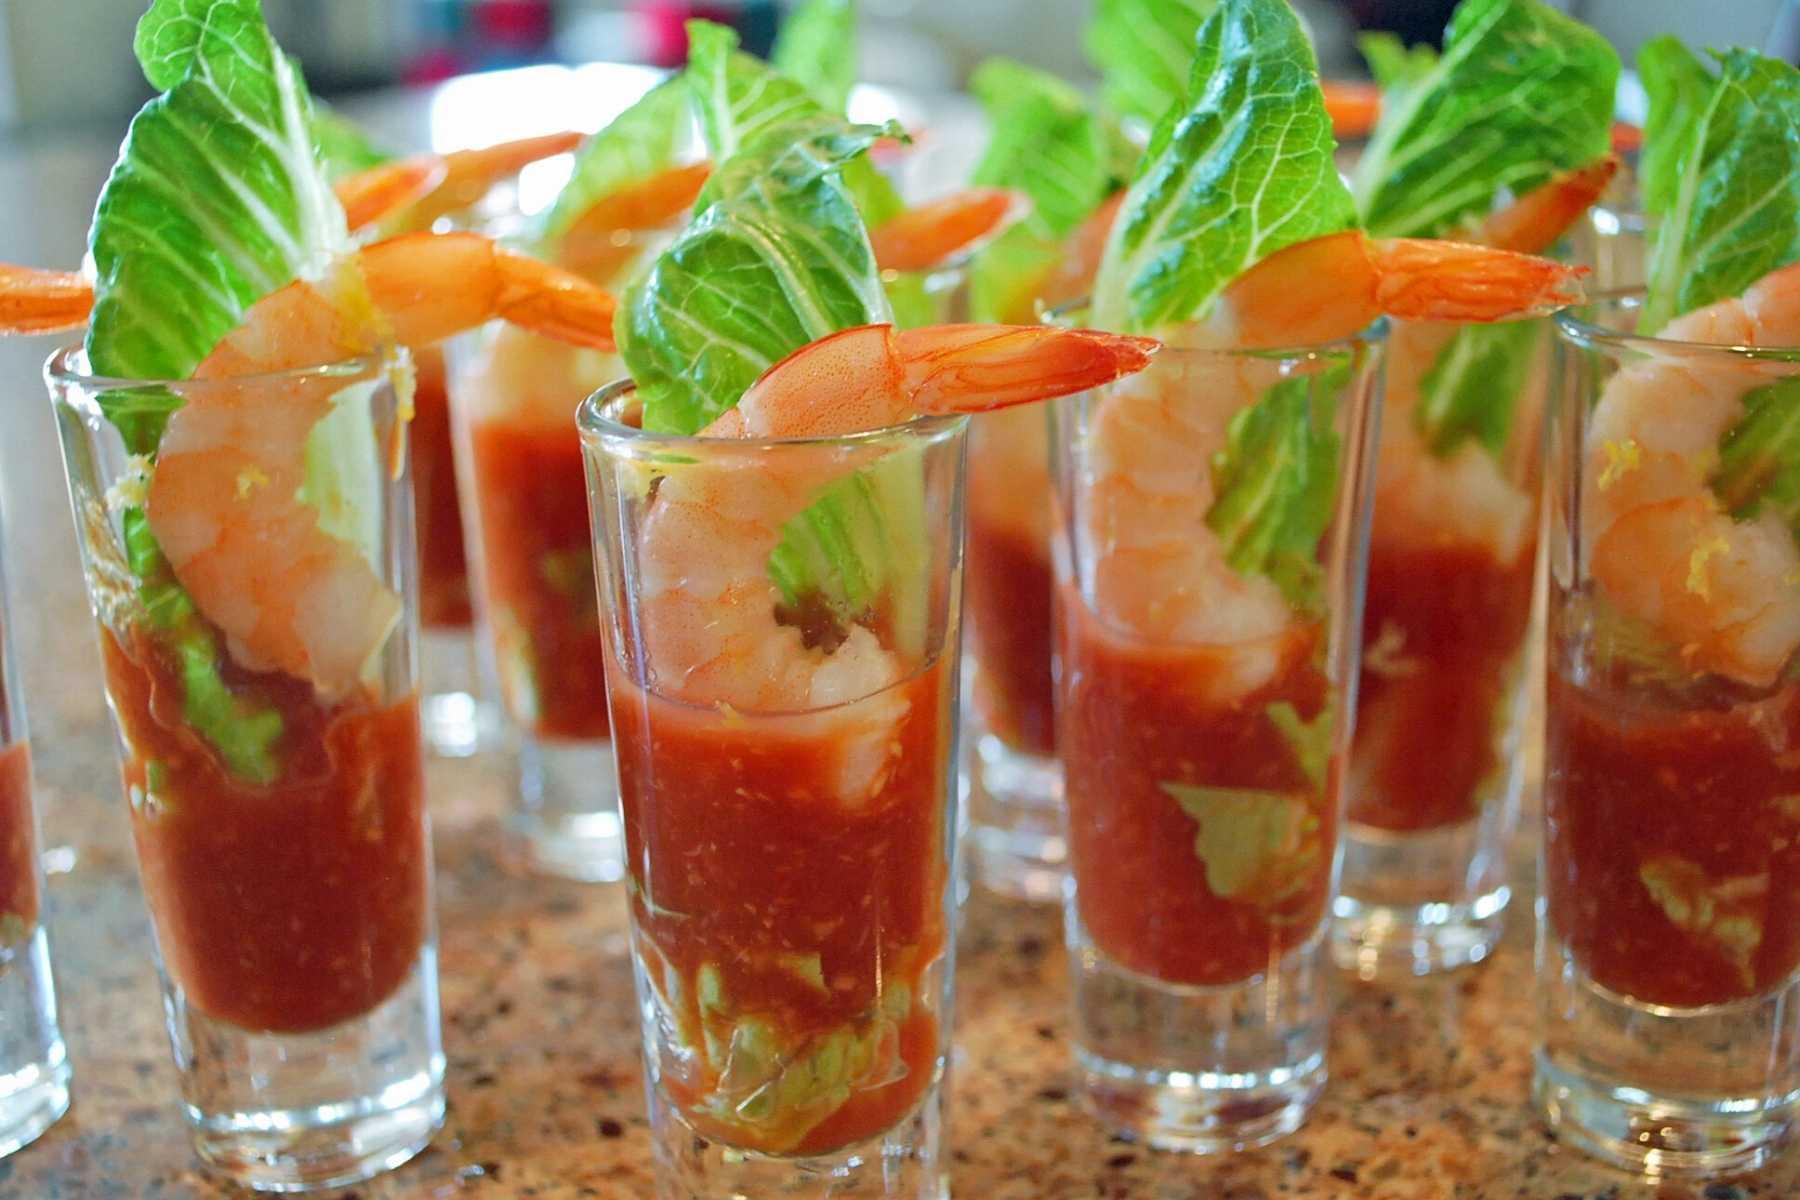 mini glasses filled with cocktail sauce, a shrimp, lettuce leaf, and lemon zest